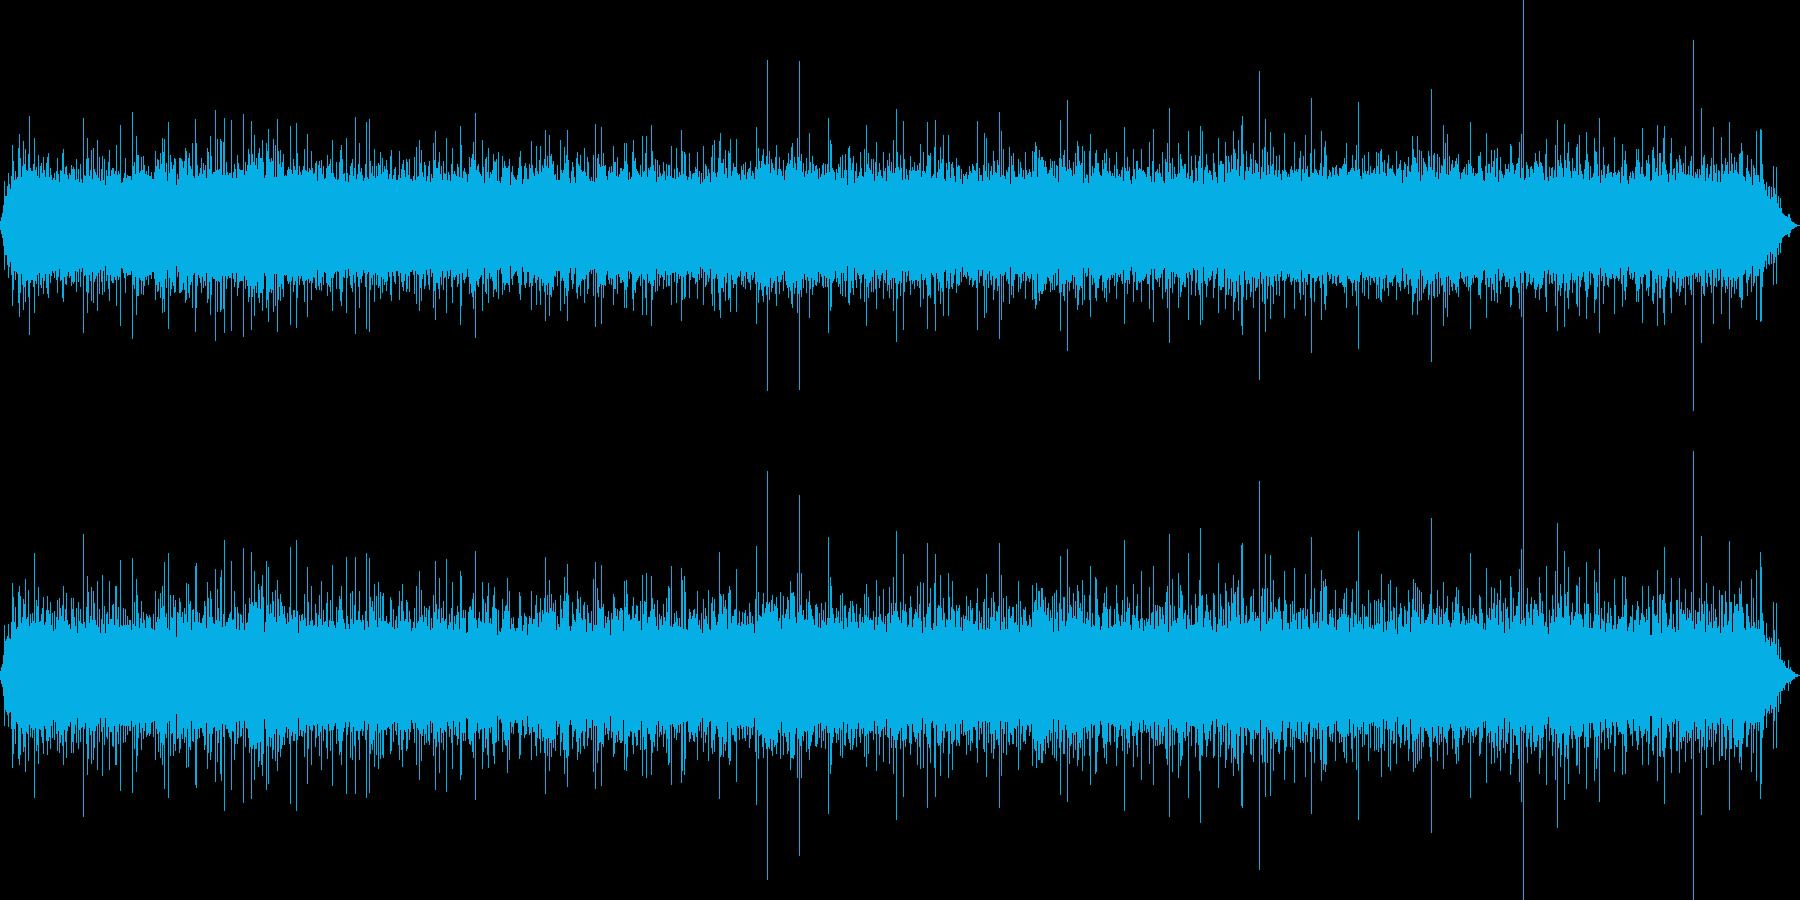 【自然音】滝02(山梨)の再生済みの波形